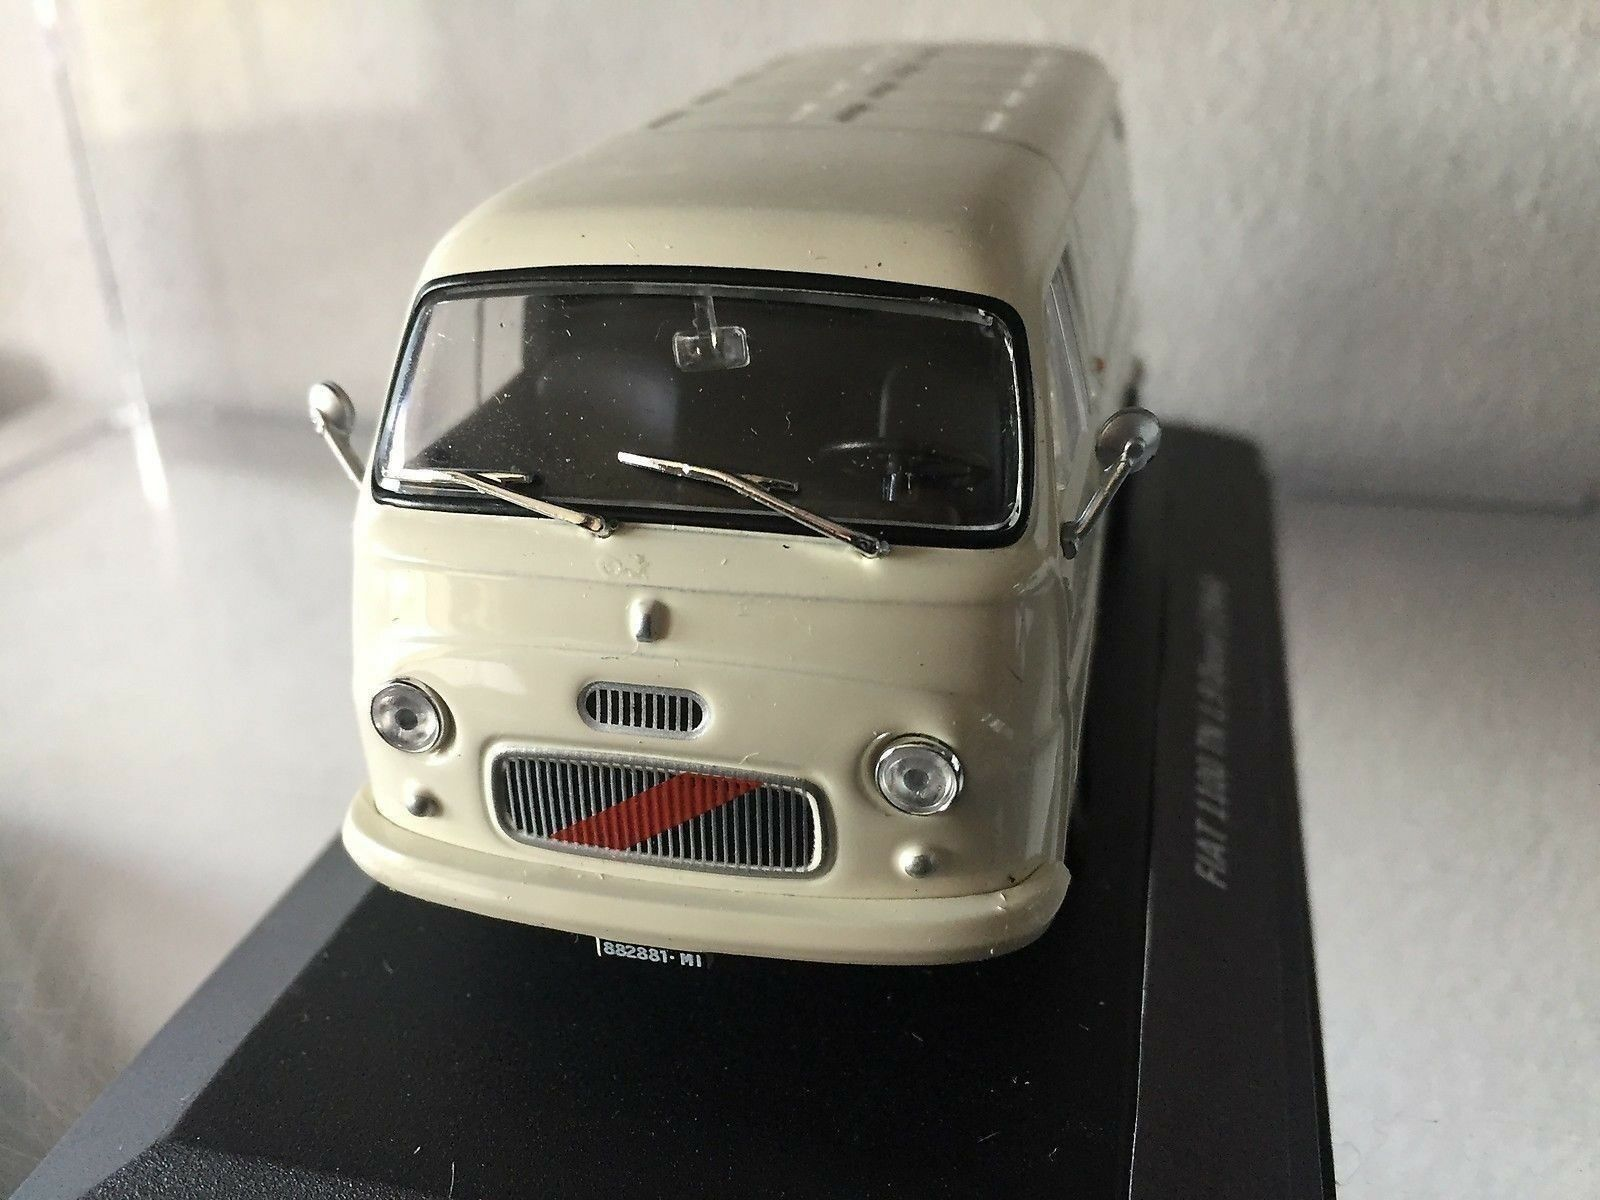 entrega rápida  002 Fiat 1100 TN 1.9 1.9 1.9 Diesel 1964 - DIE CAST 1 43  ahorra hasta un 30-50% de descuento